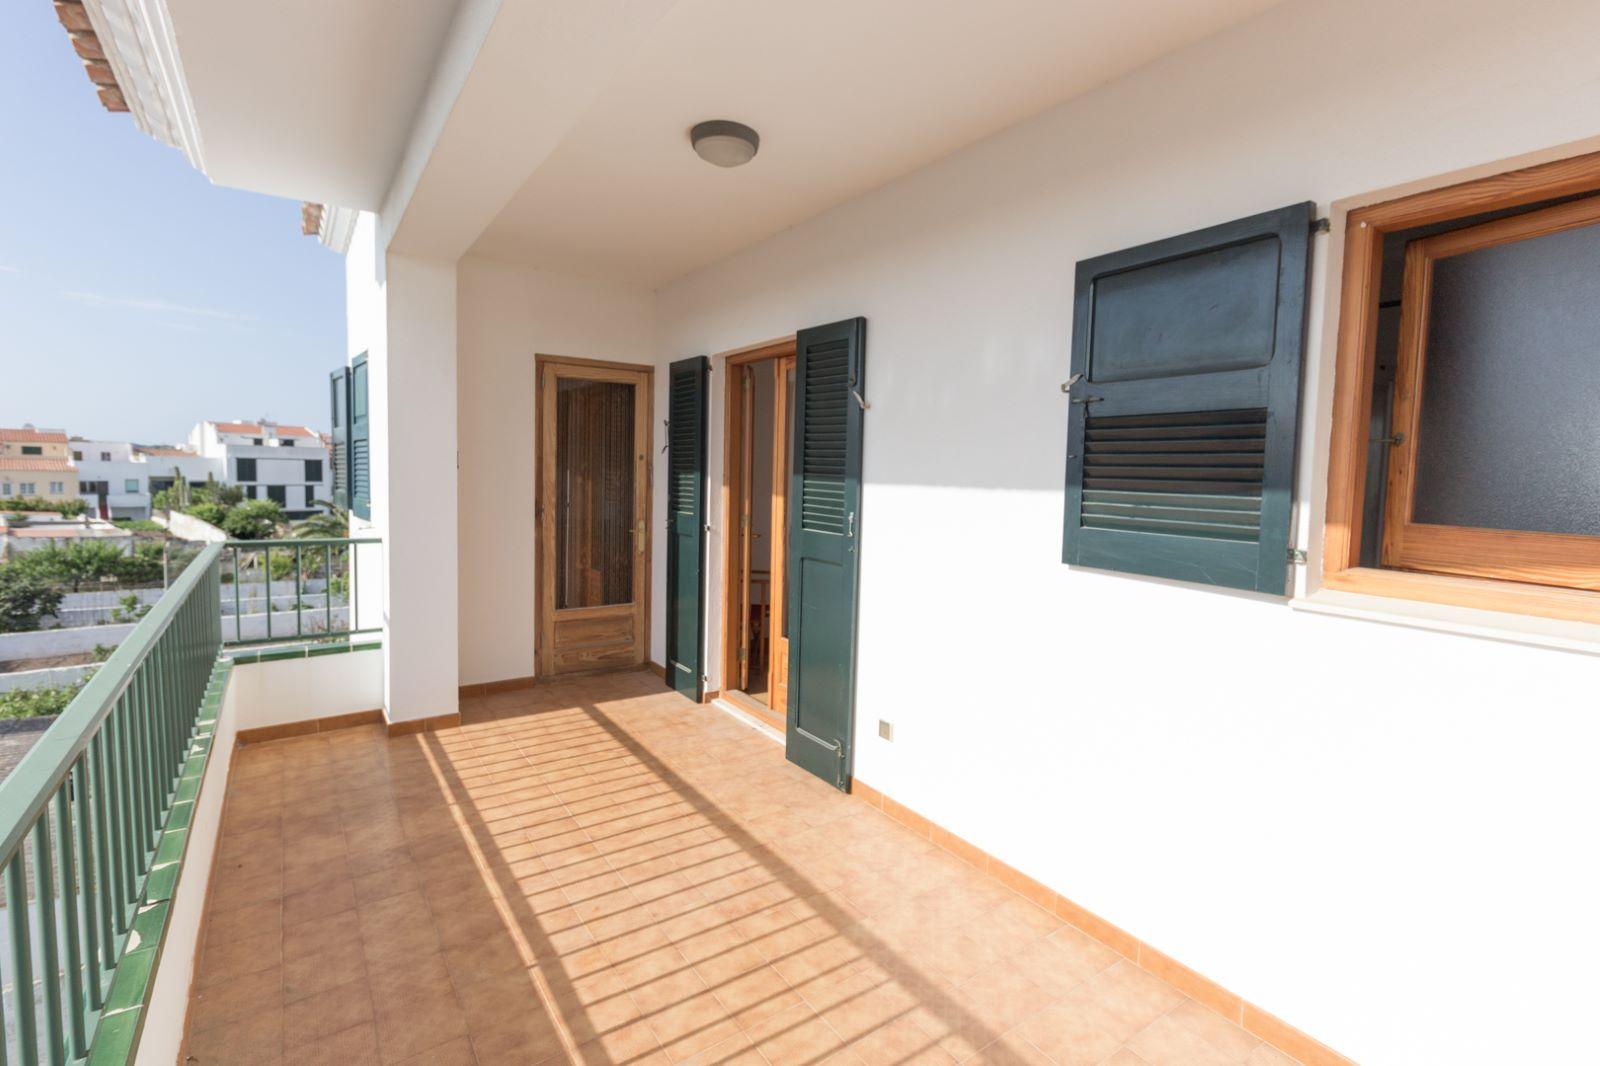 Wohnung in Es Mercadal Ref: M8401 1